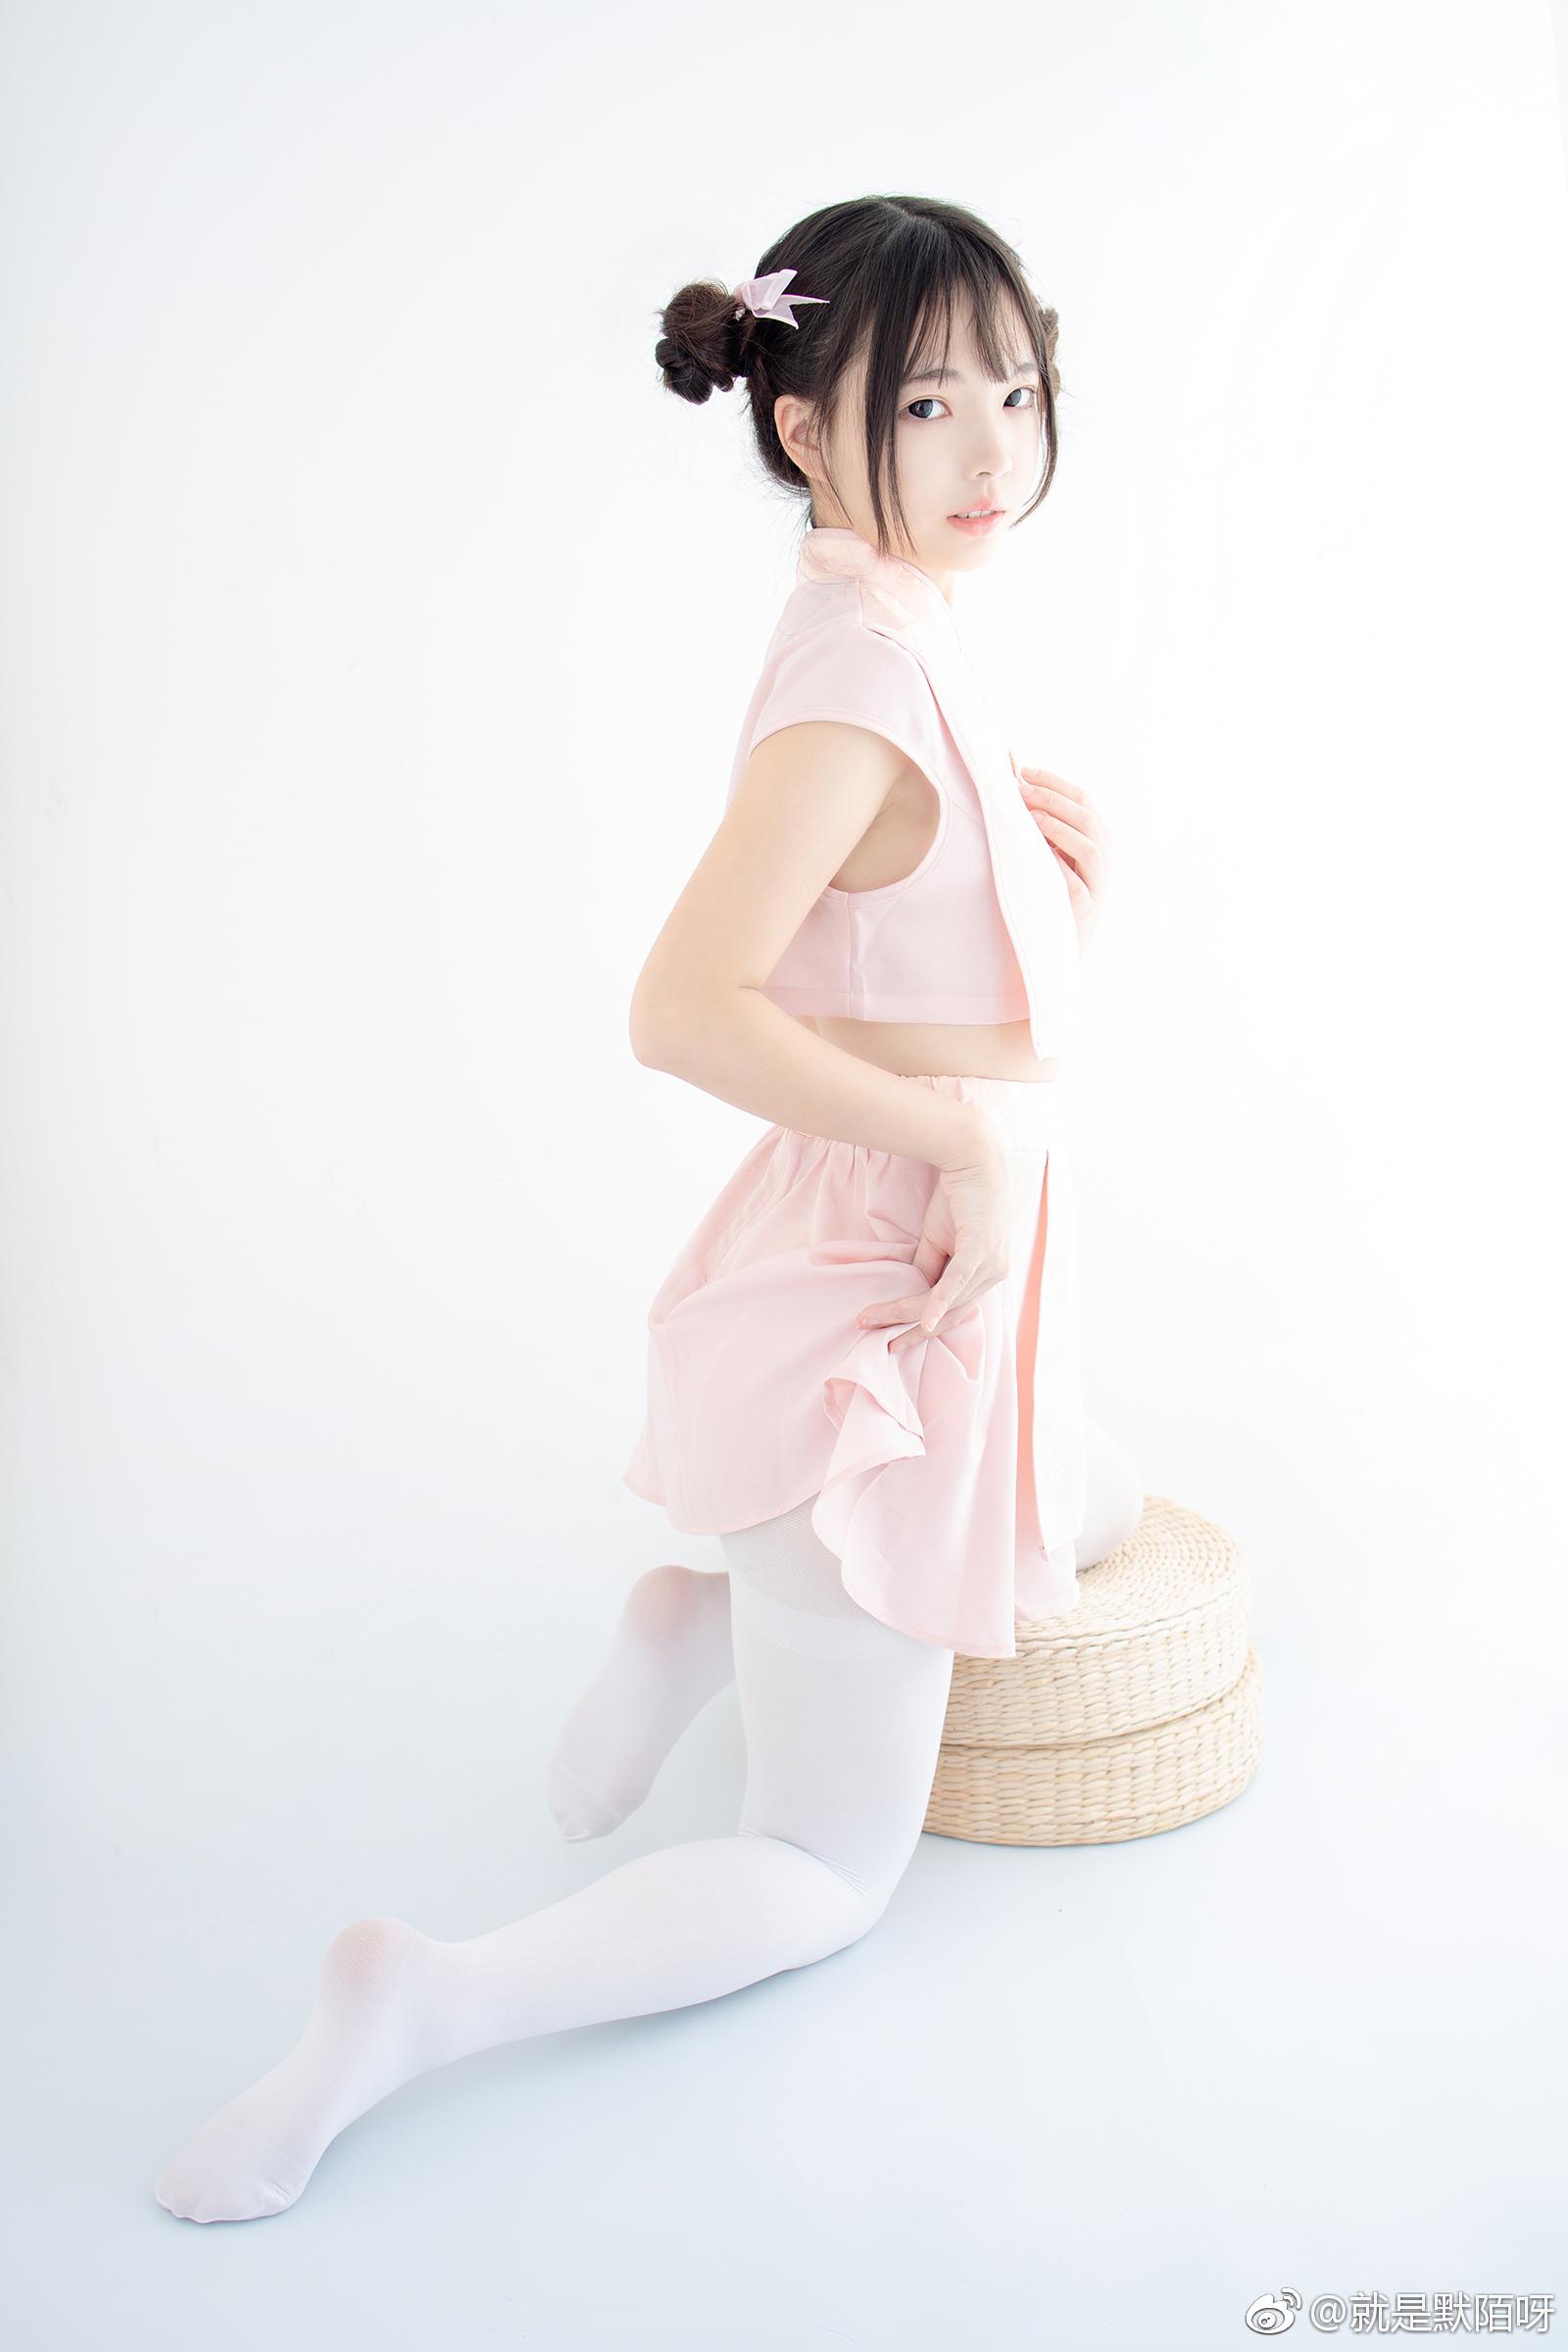 森萝财团X-052写真预览,丸子头妹子好可爱 美女写真-第2张